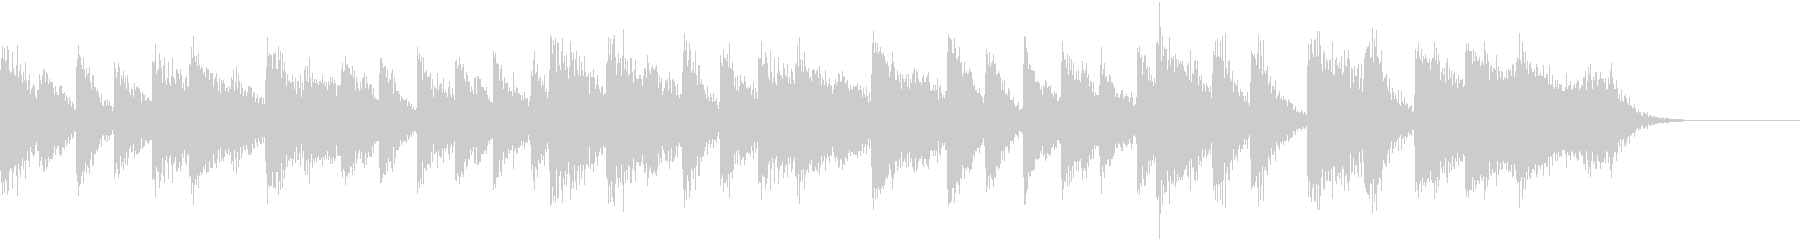 サンバリズムの軽快な常夏のピアノジングルの未再生の波形